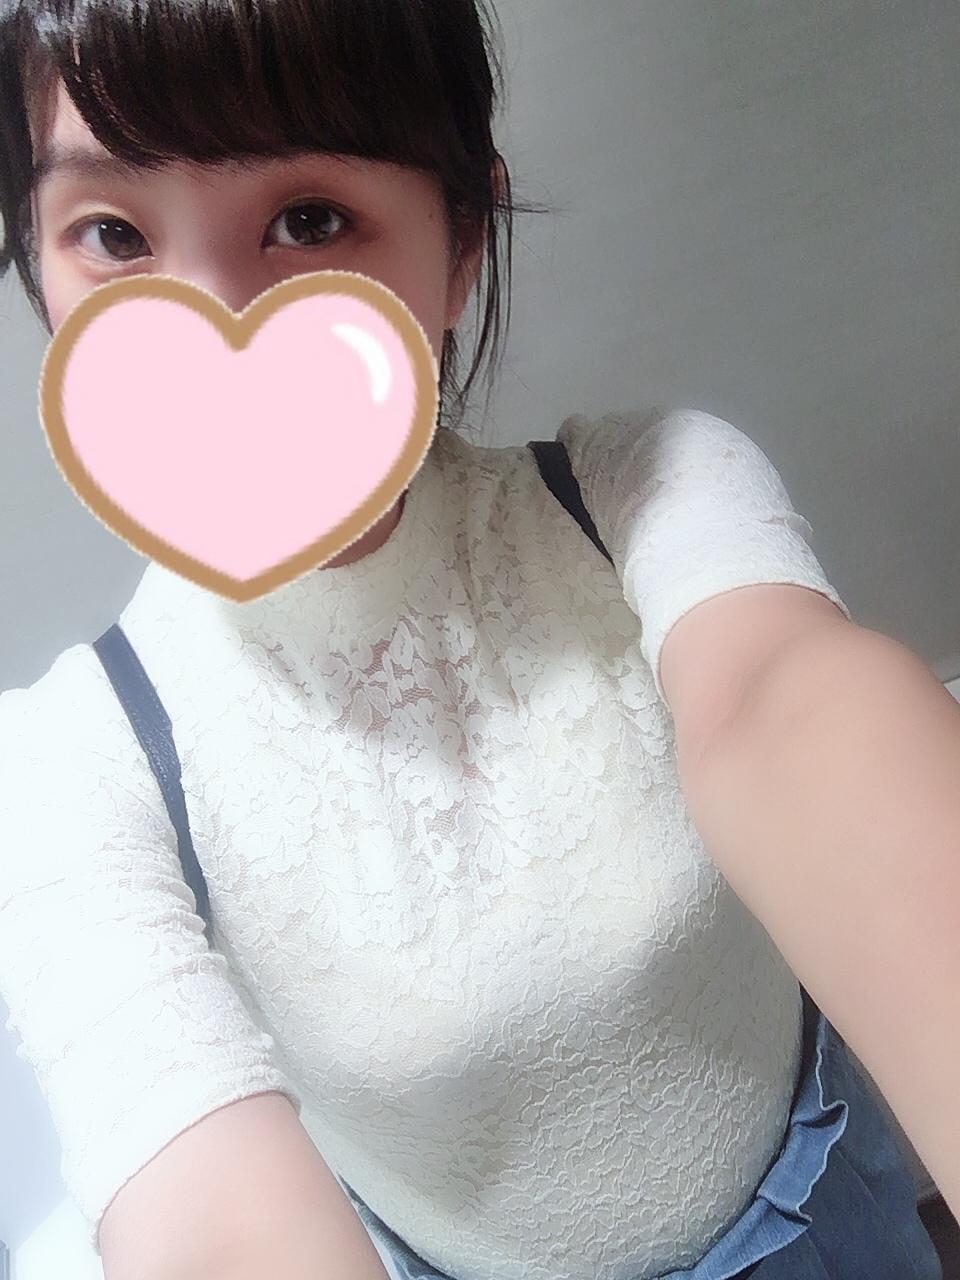 「♡♡♡」07/19(07/19) 18:03 | ちはやふるの写メ・風俗動画